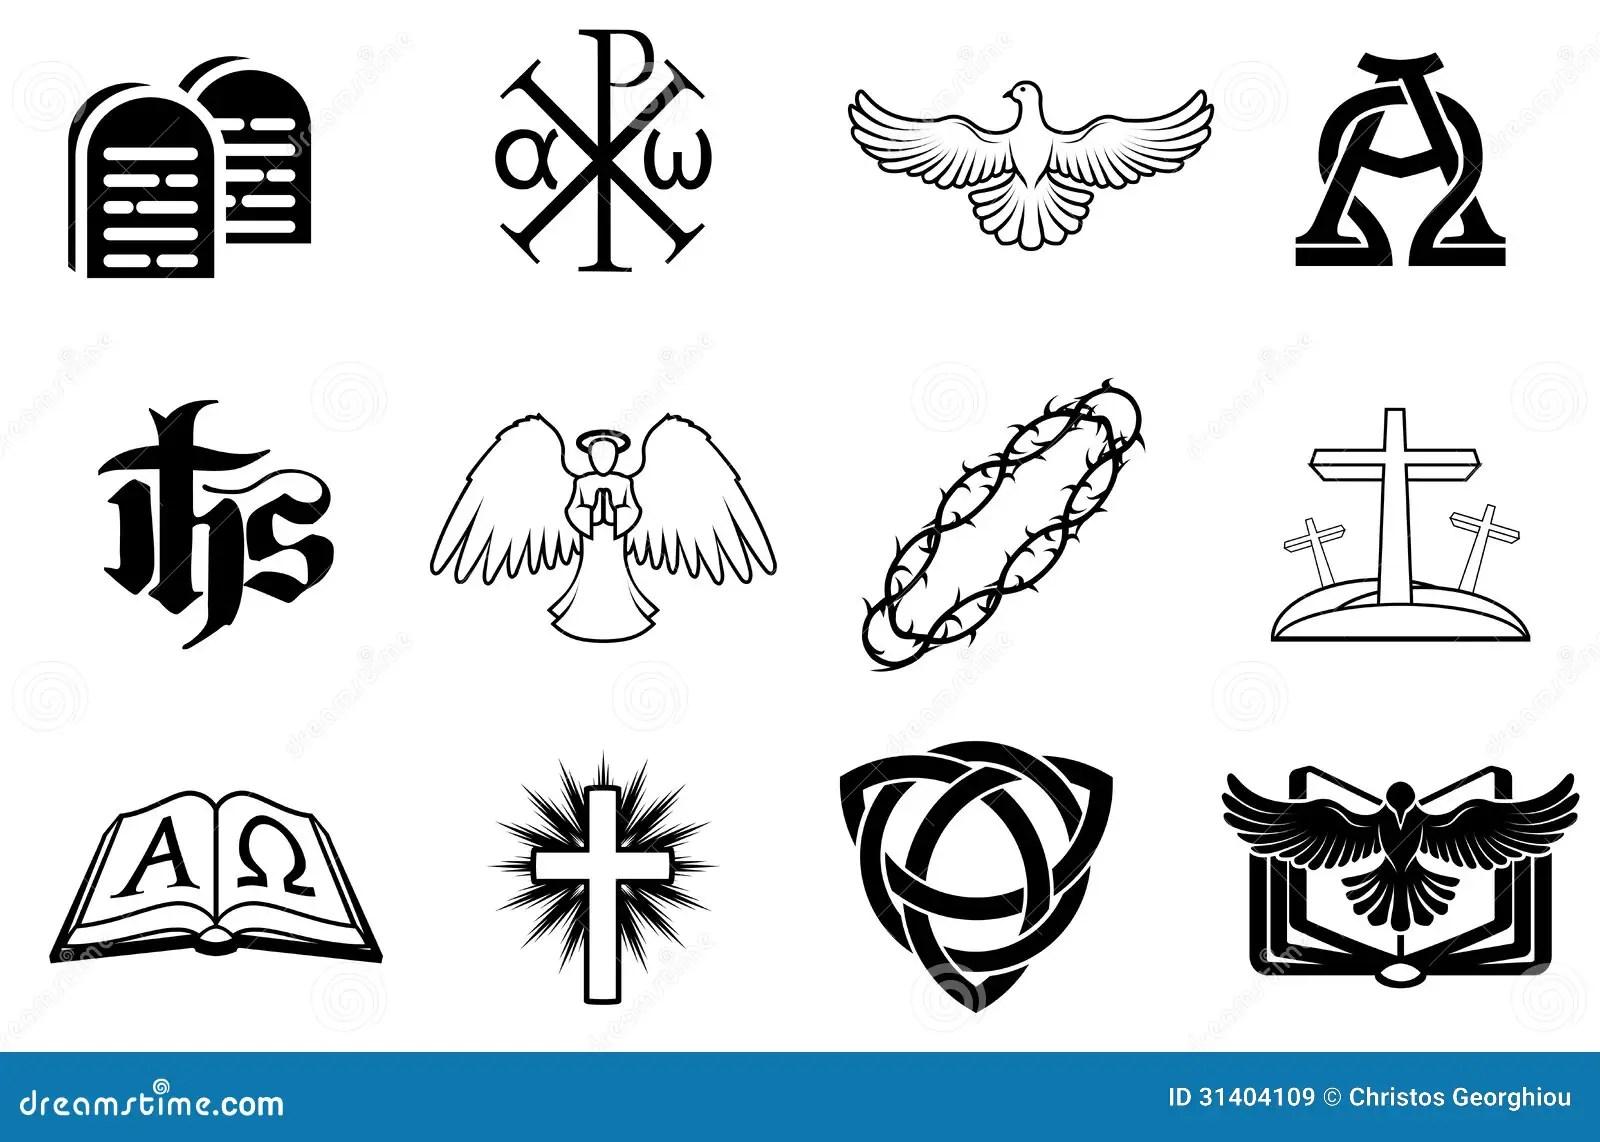 Uppsattning Av Kristna Symboler Vektor Illustrationer